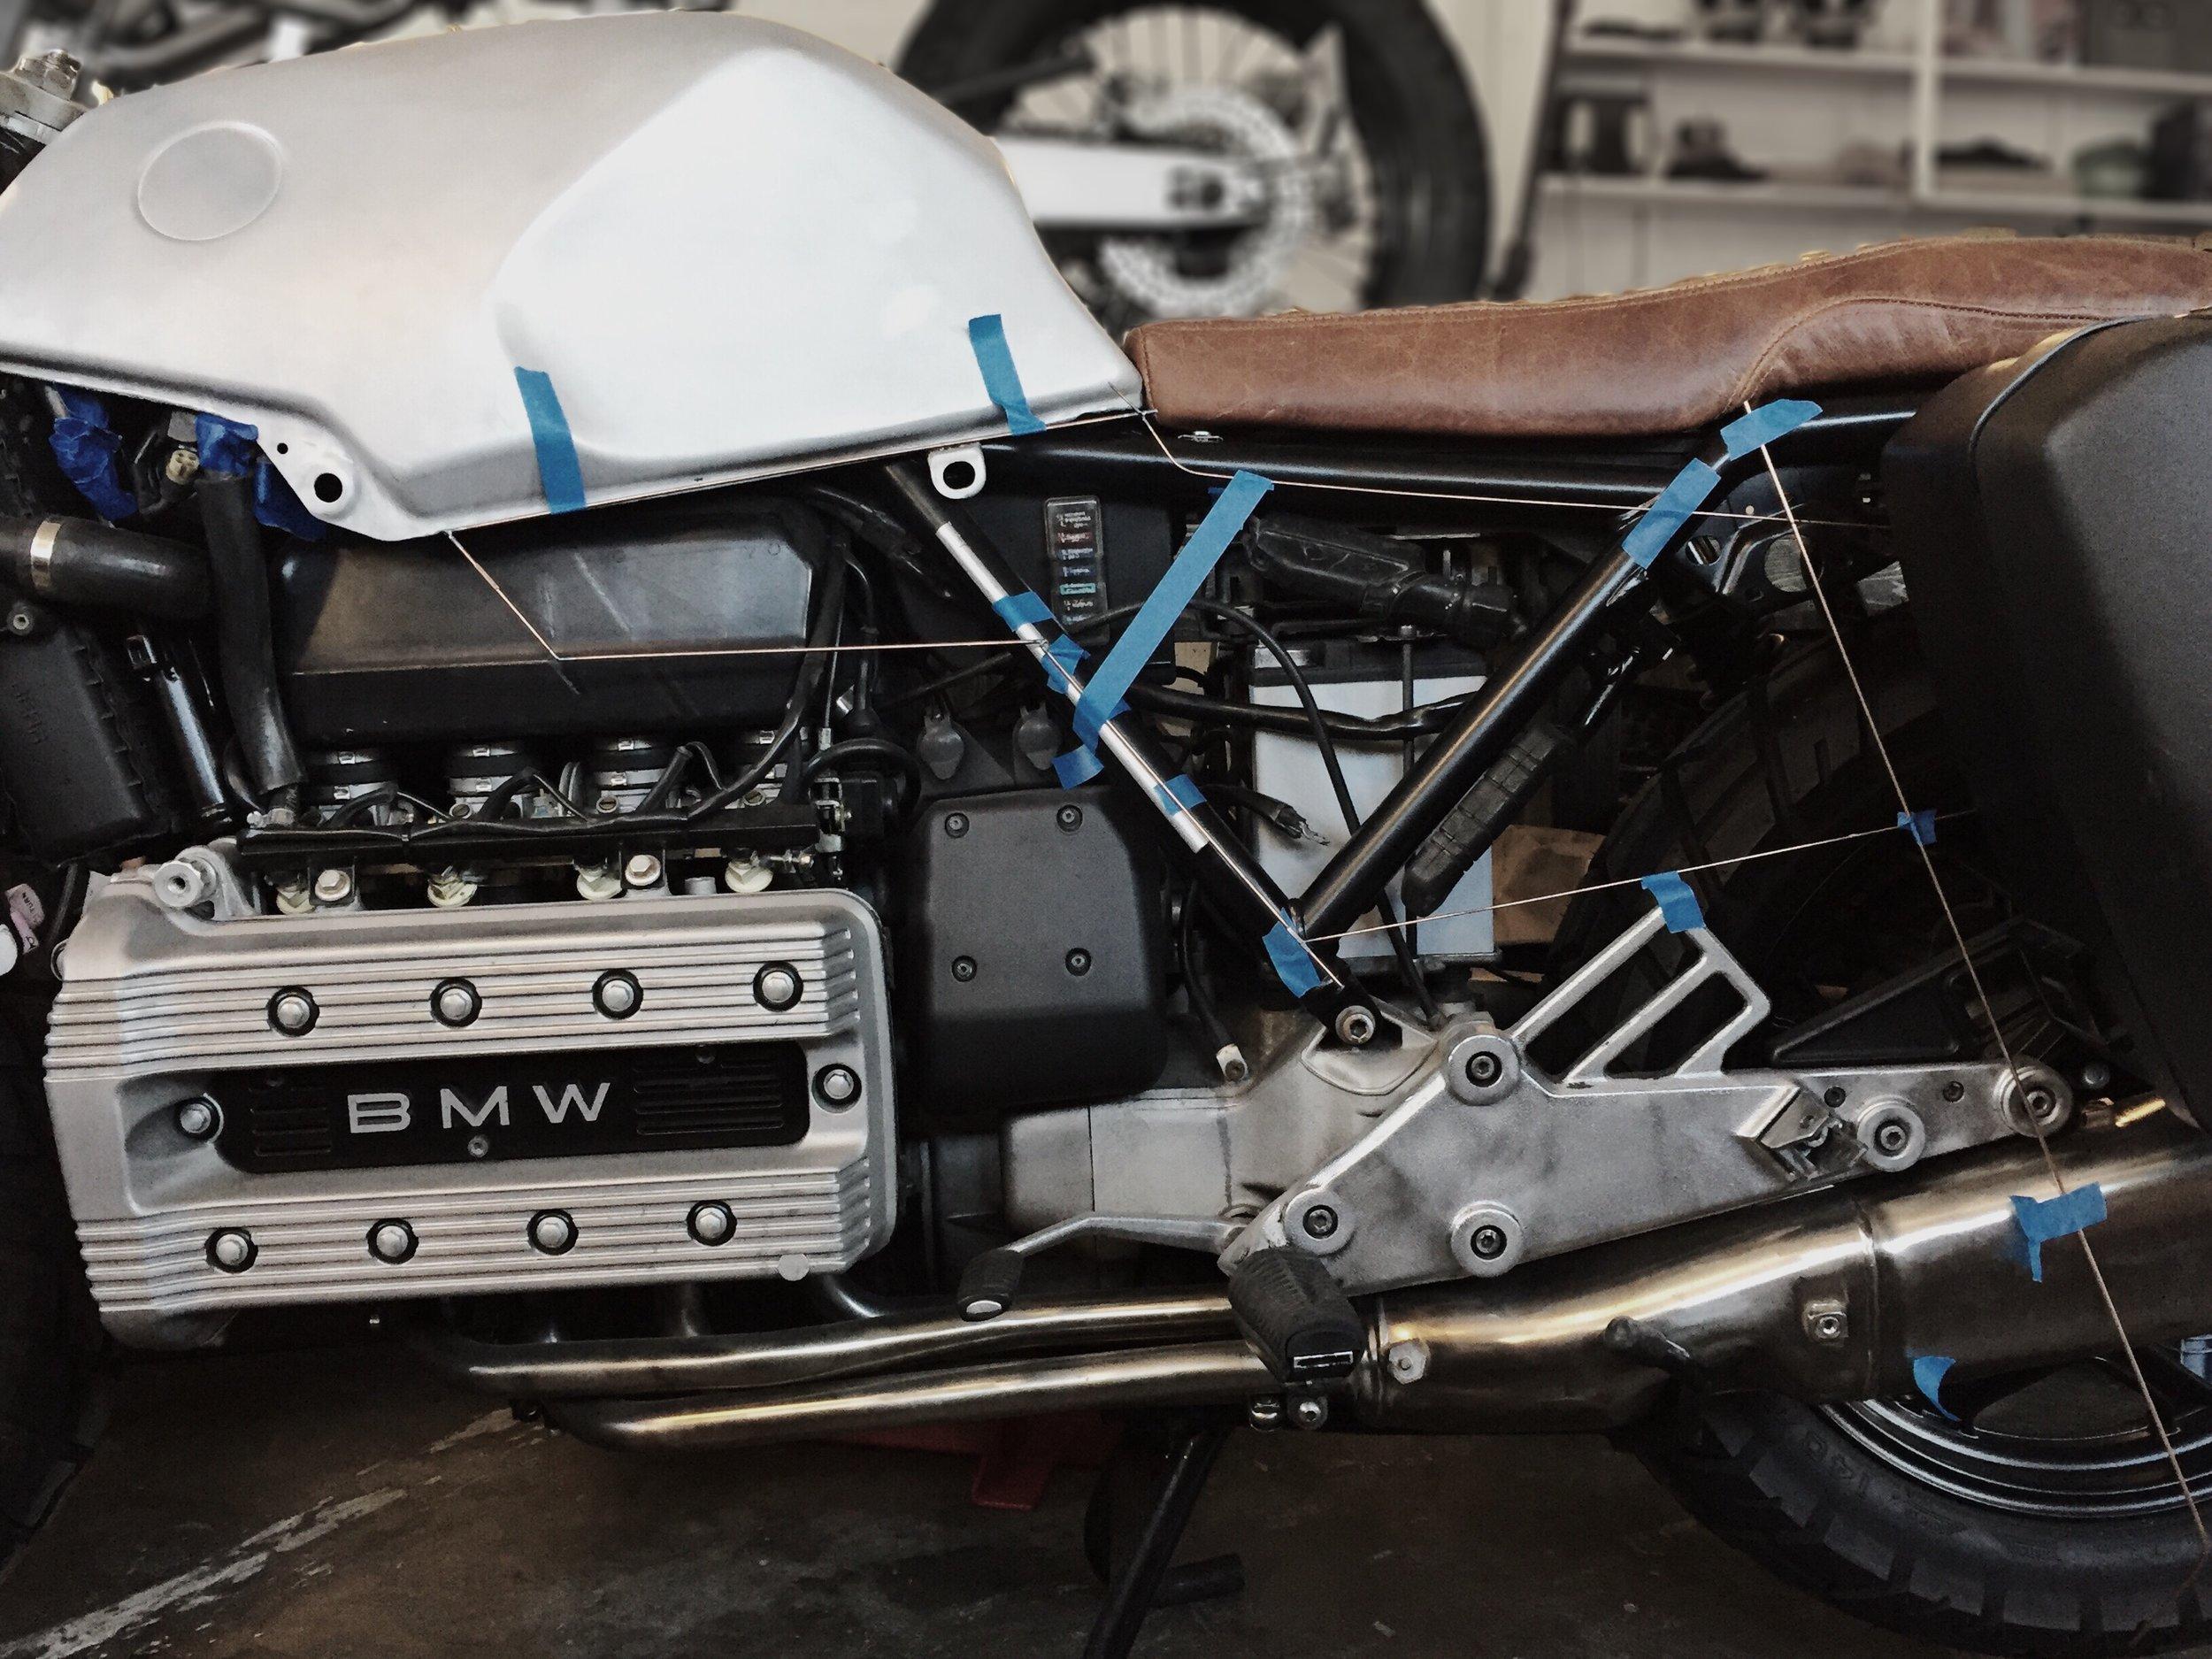 Moto-Mucci_BMW_K100_Custom_Side_Covers (3).JPG